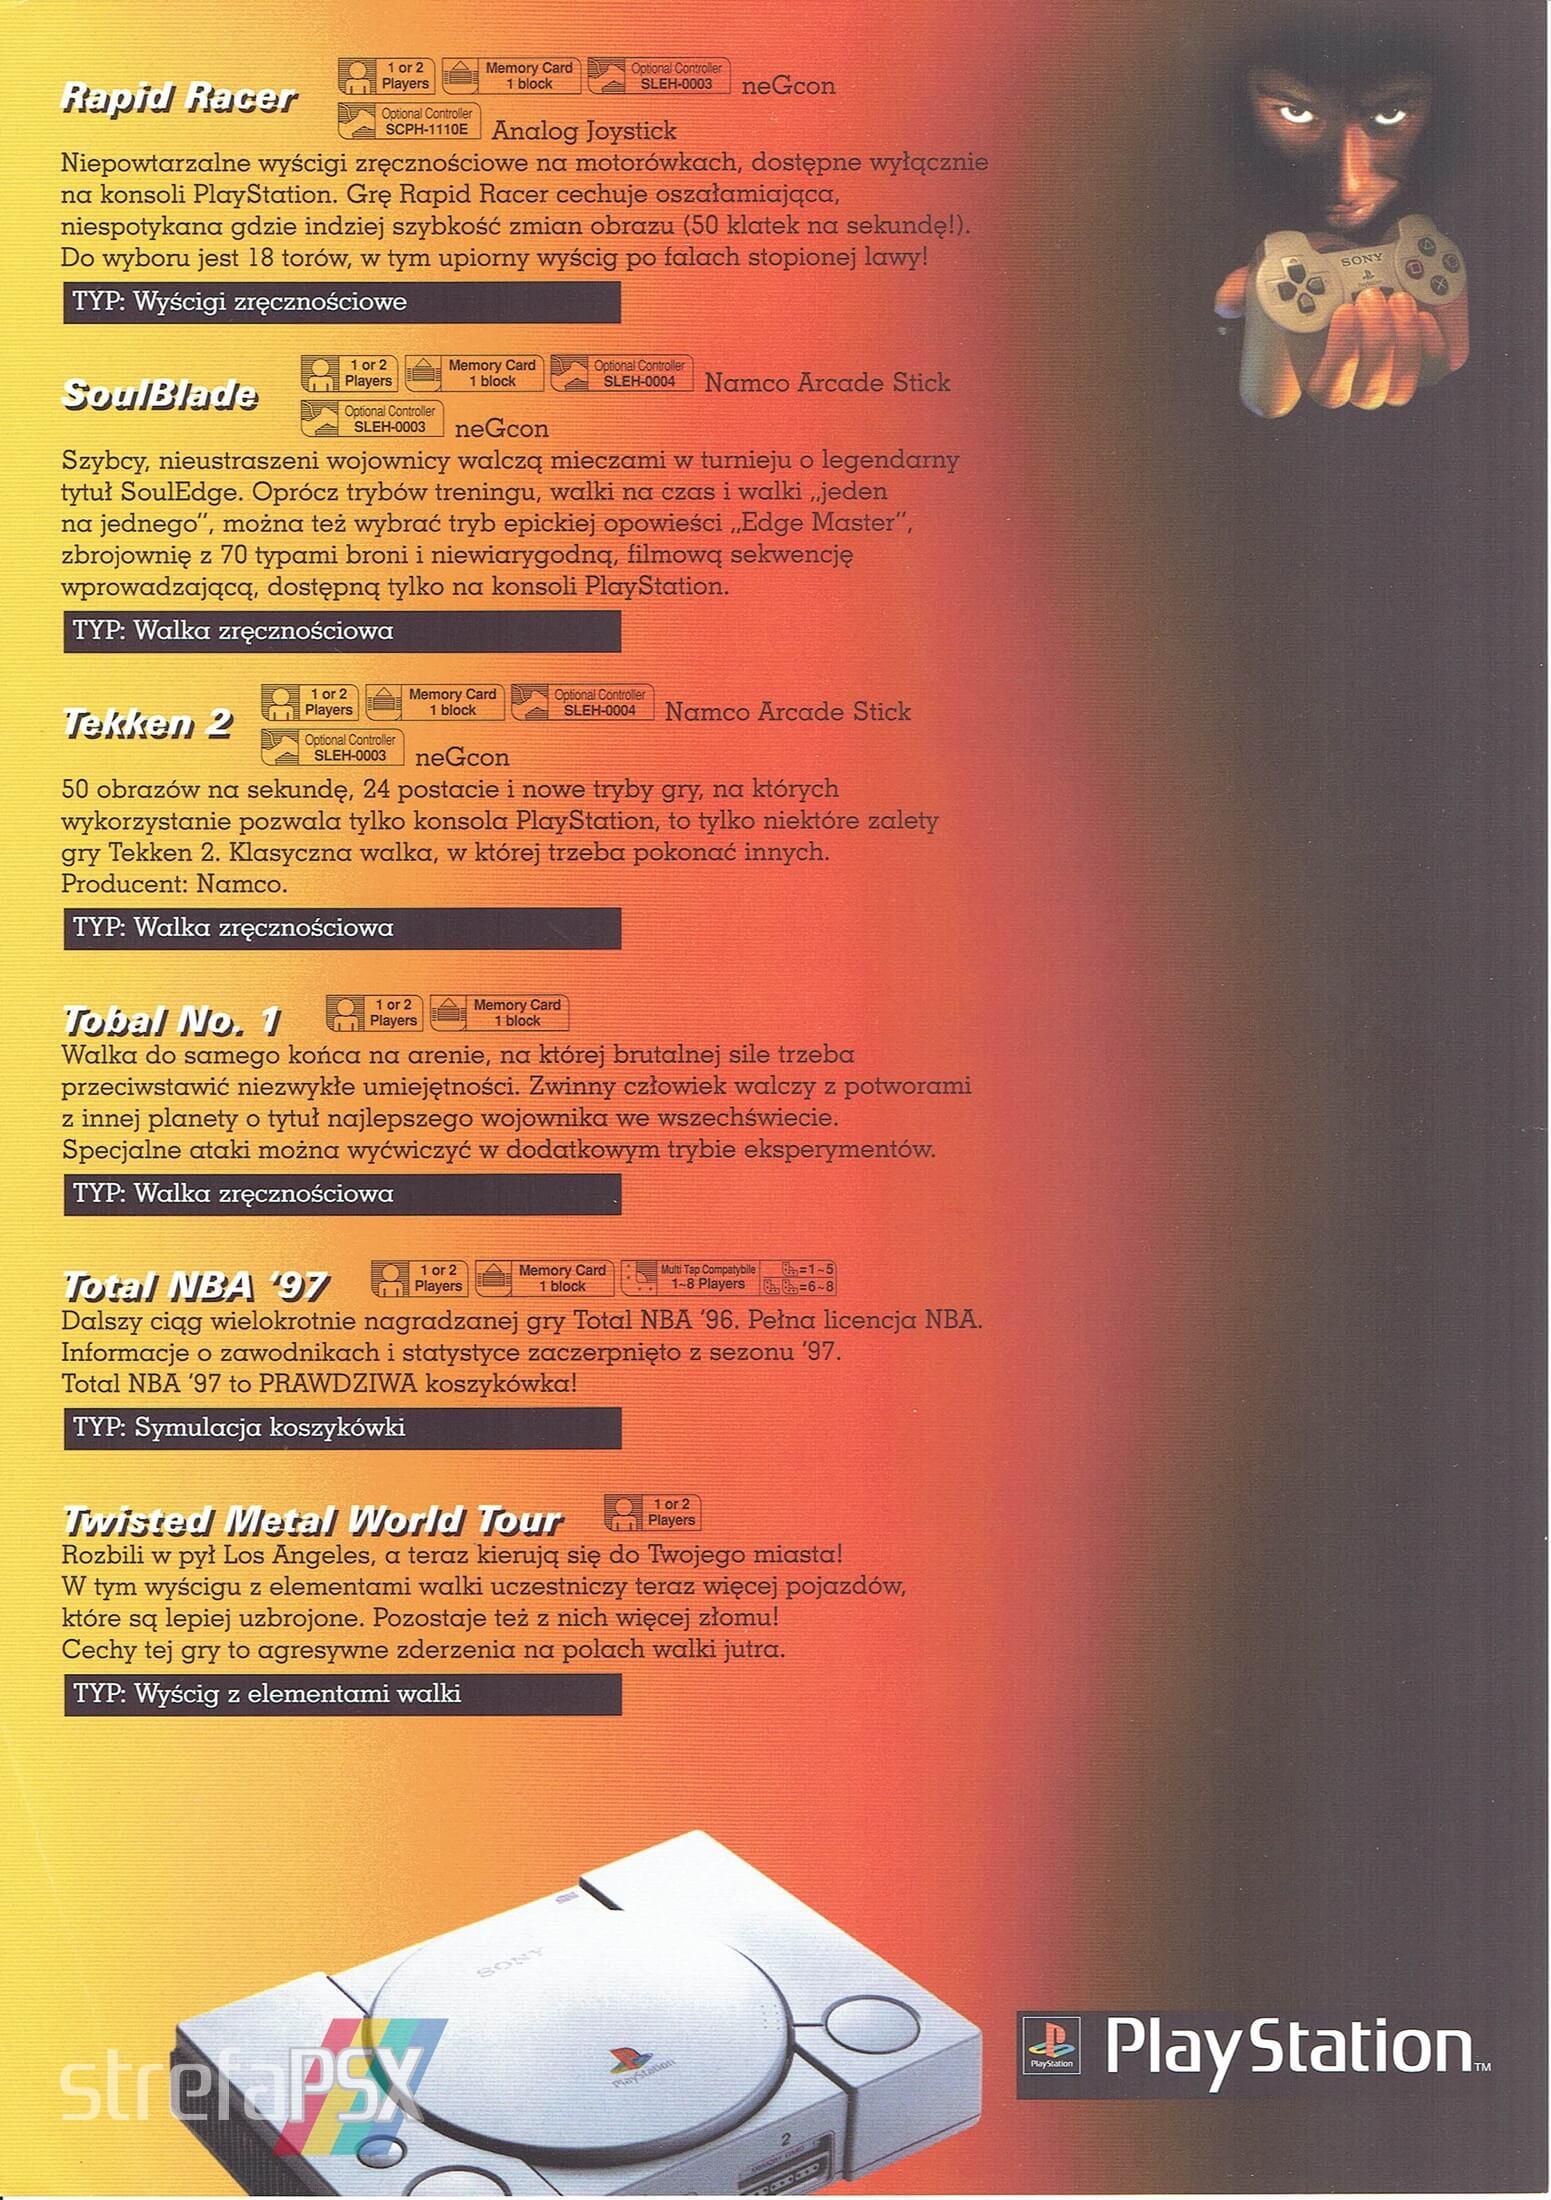 broszura reklamowa psx 16 - Broszury reklamowe PlayStation z dawnych lat